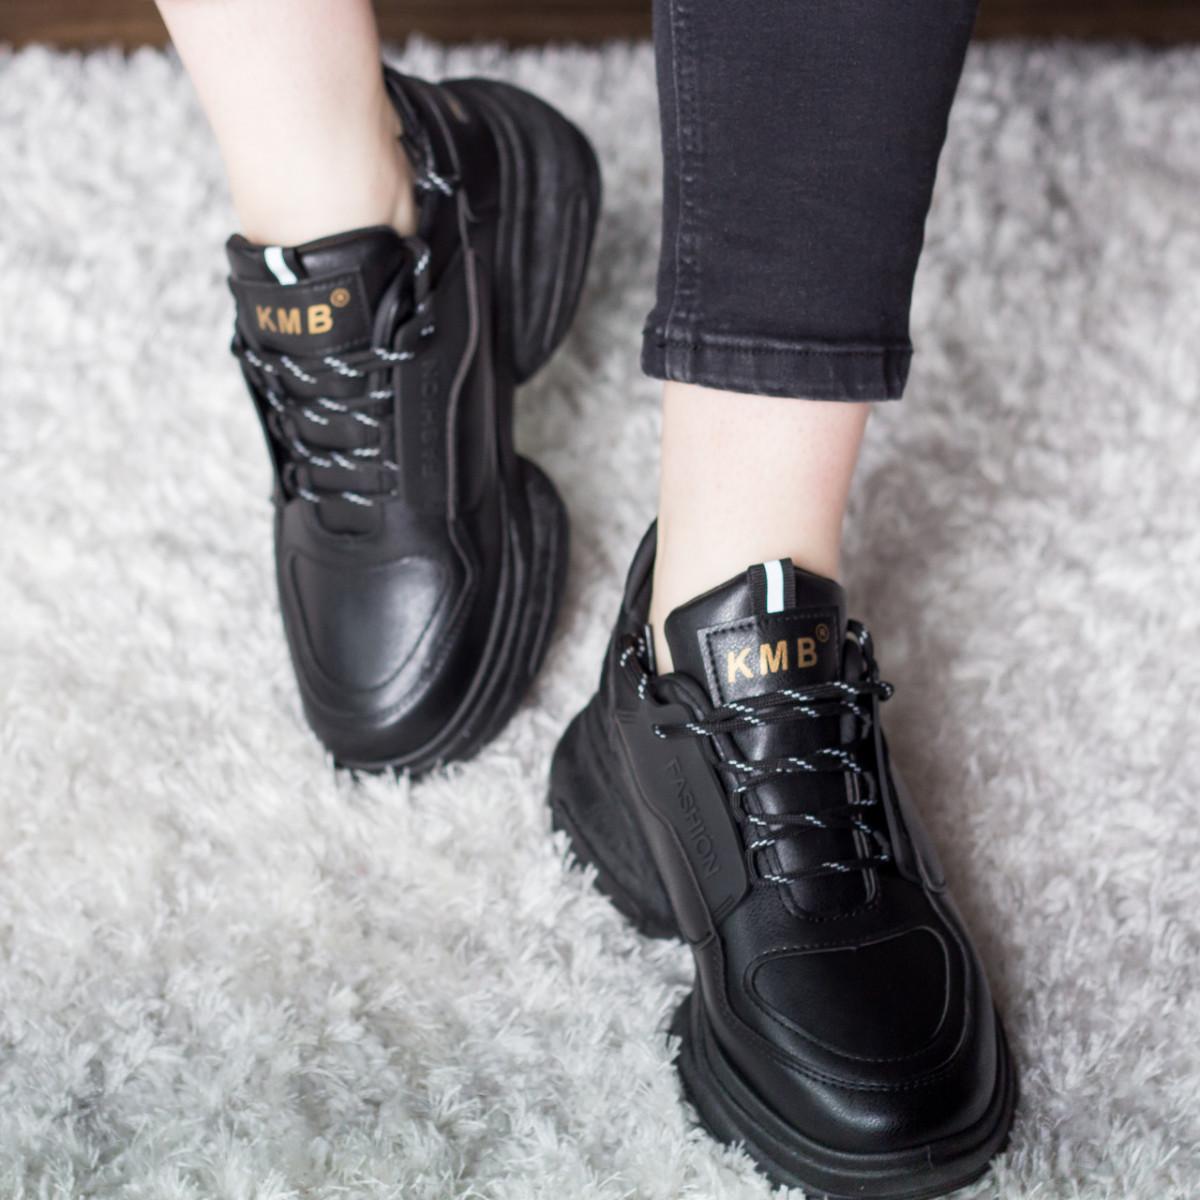 Кросівки жіночі Fashion Qana 2702 36 розмір 23 см Чорний